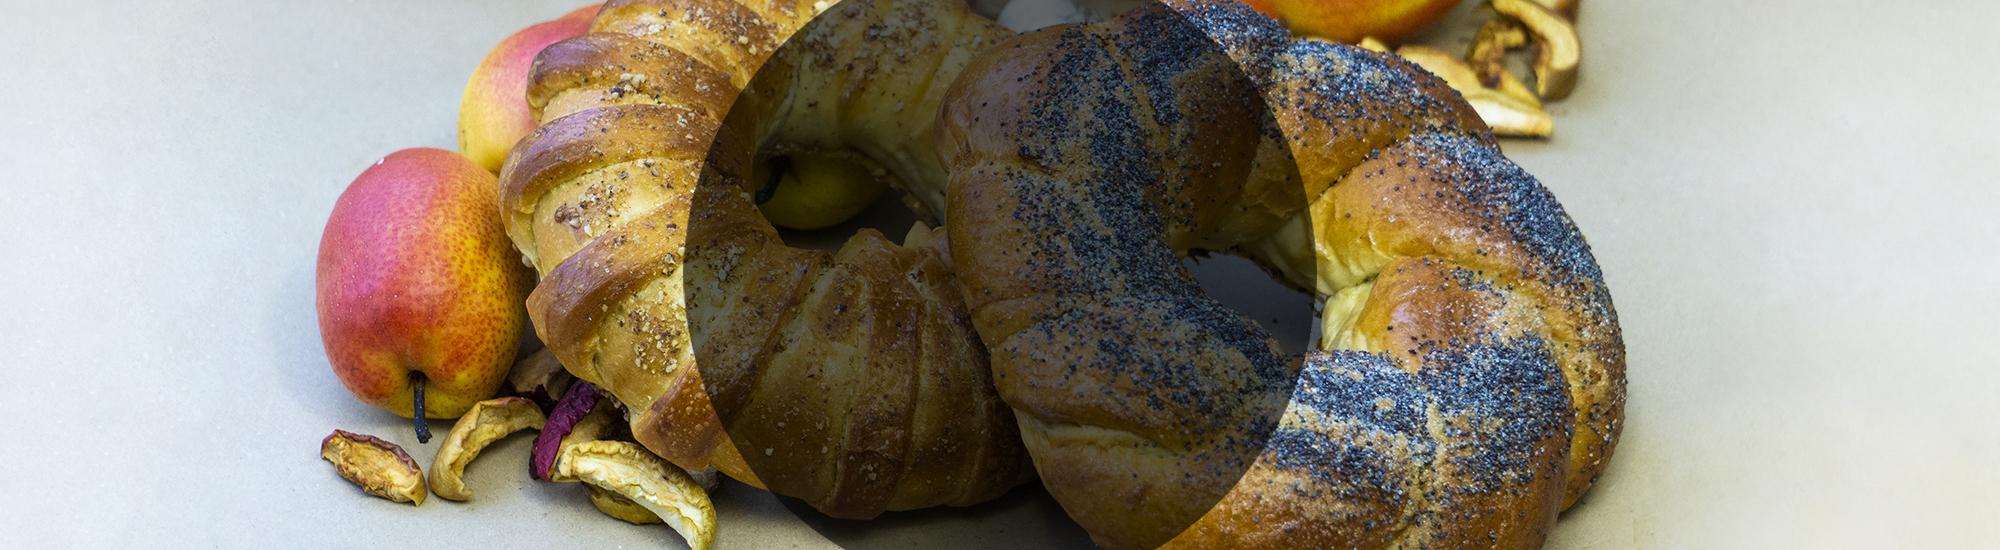 Обрядовий хліб - Історія перша, зимова